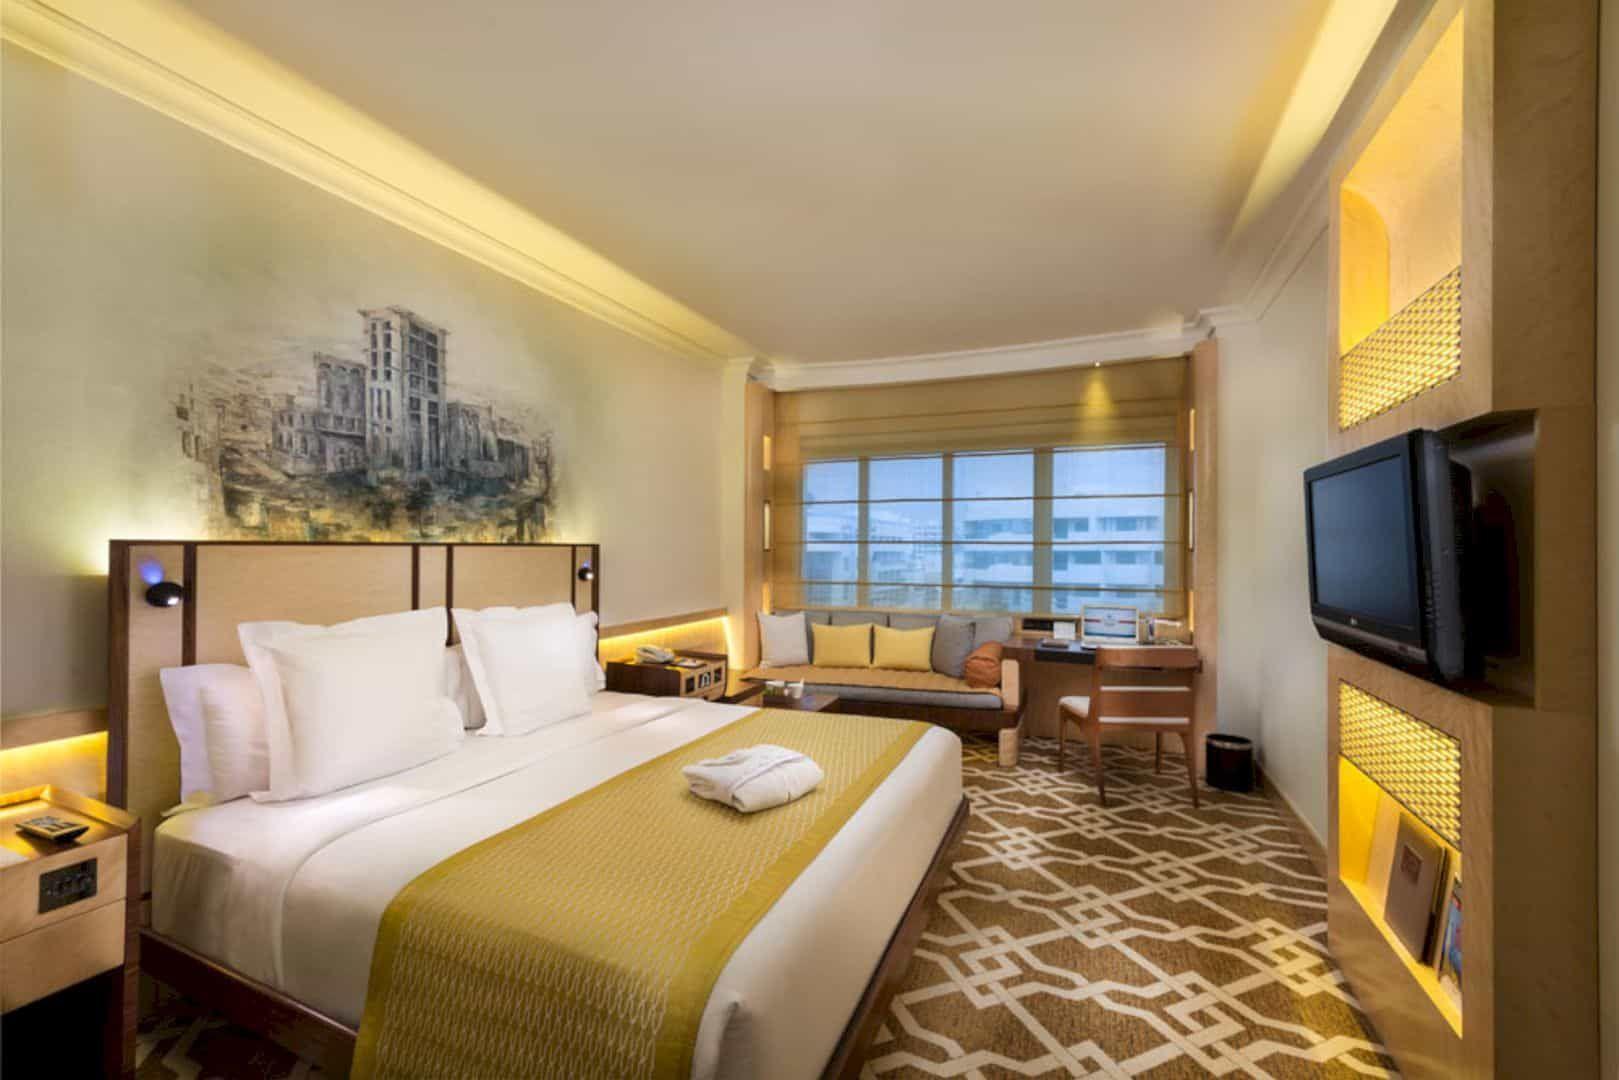 Дубай отель марко поездка в дубай цена